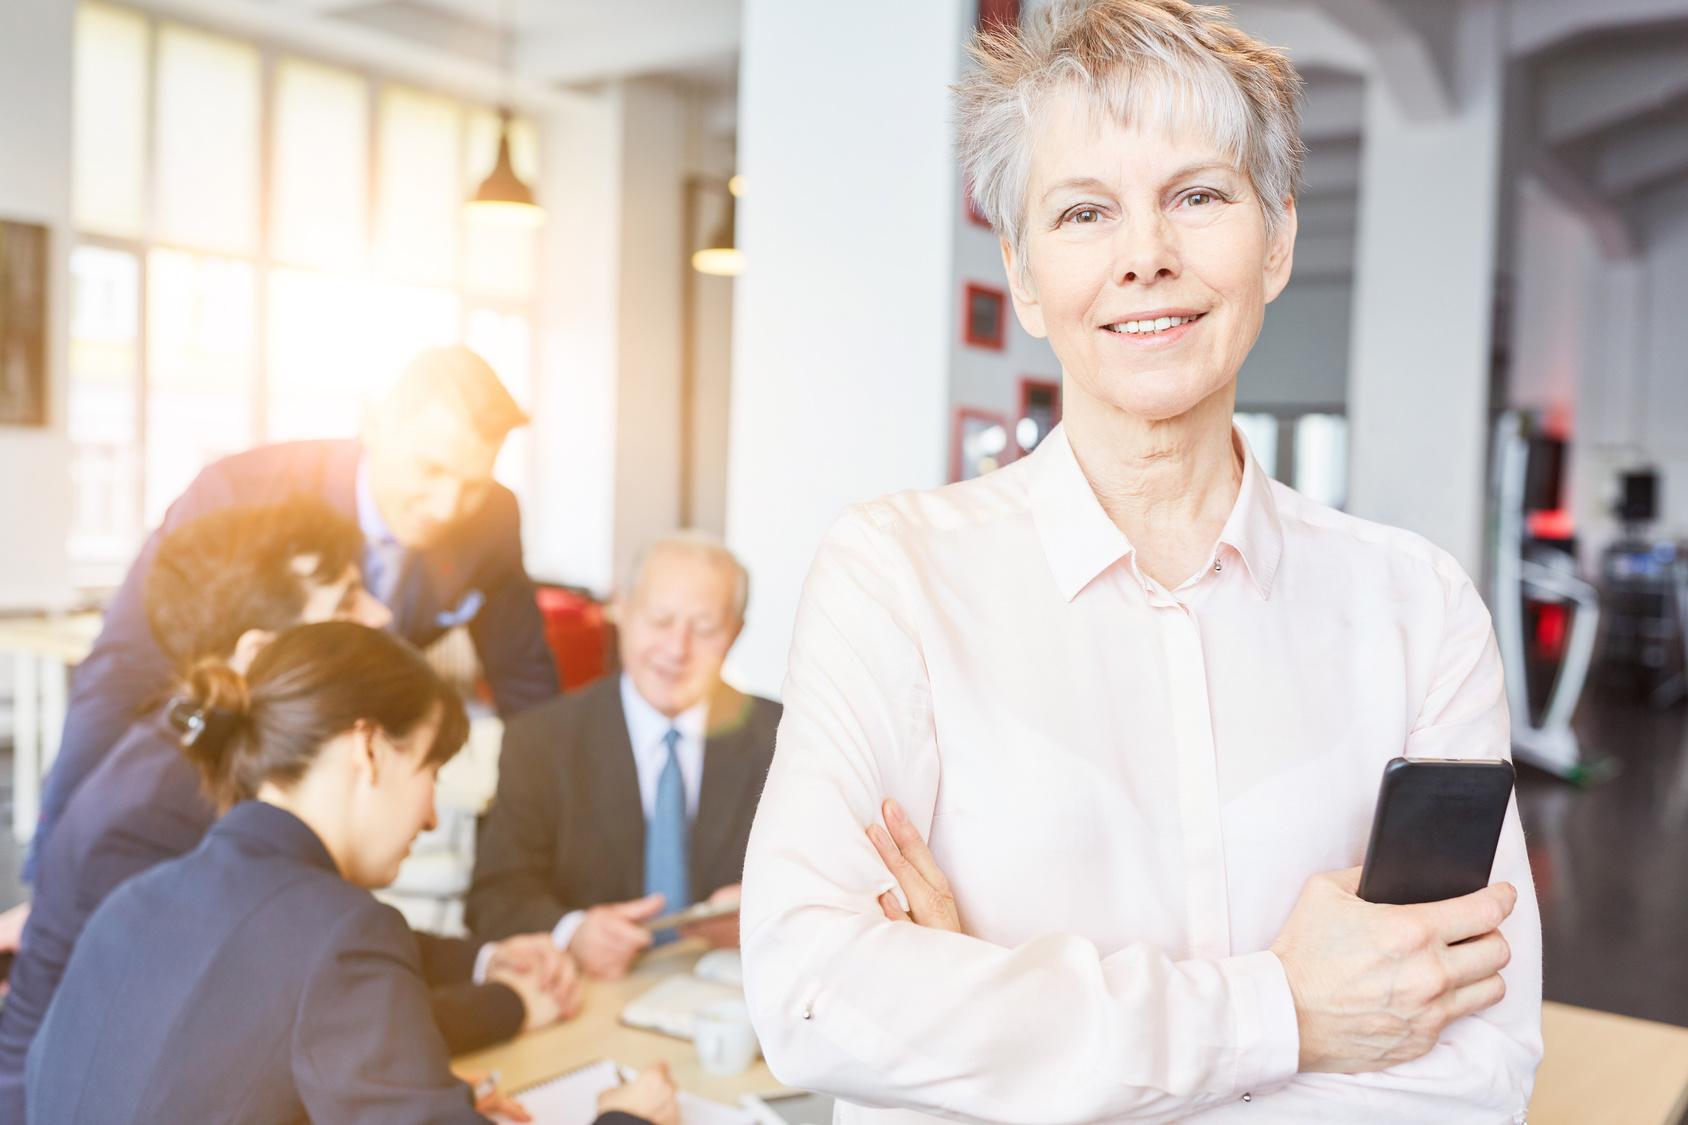 Ältere Mitarbeiter motivieren durch Weiterbildungsmöglichkeiten